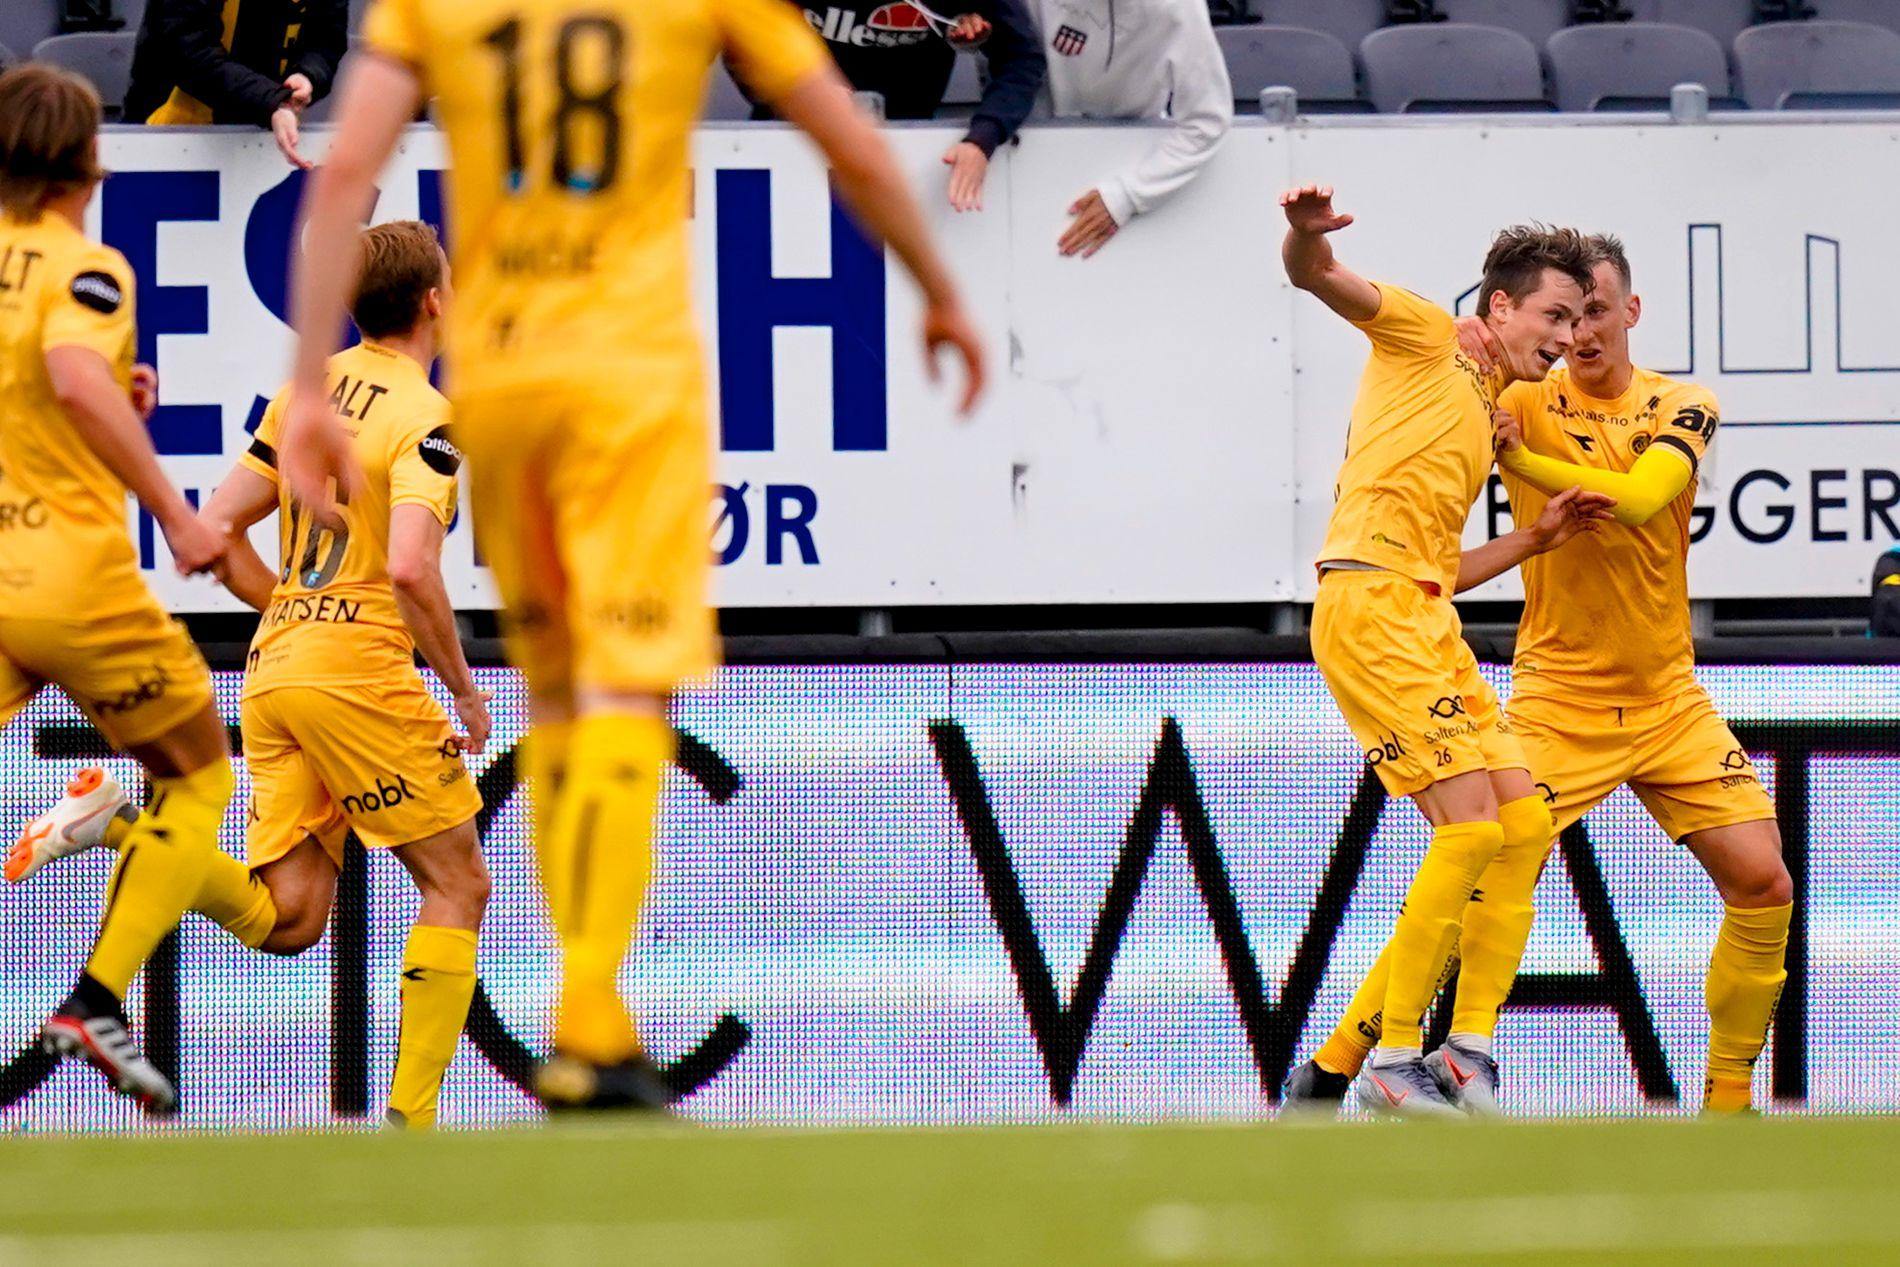 GLIMT AV STORHET: Håkon Evjen jubler for sin 1-0-scoring sammen med Erlend Dahl Reitan mot Odd på Aspmyra.